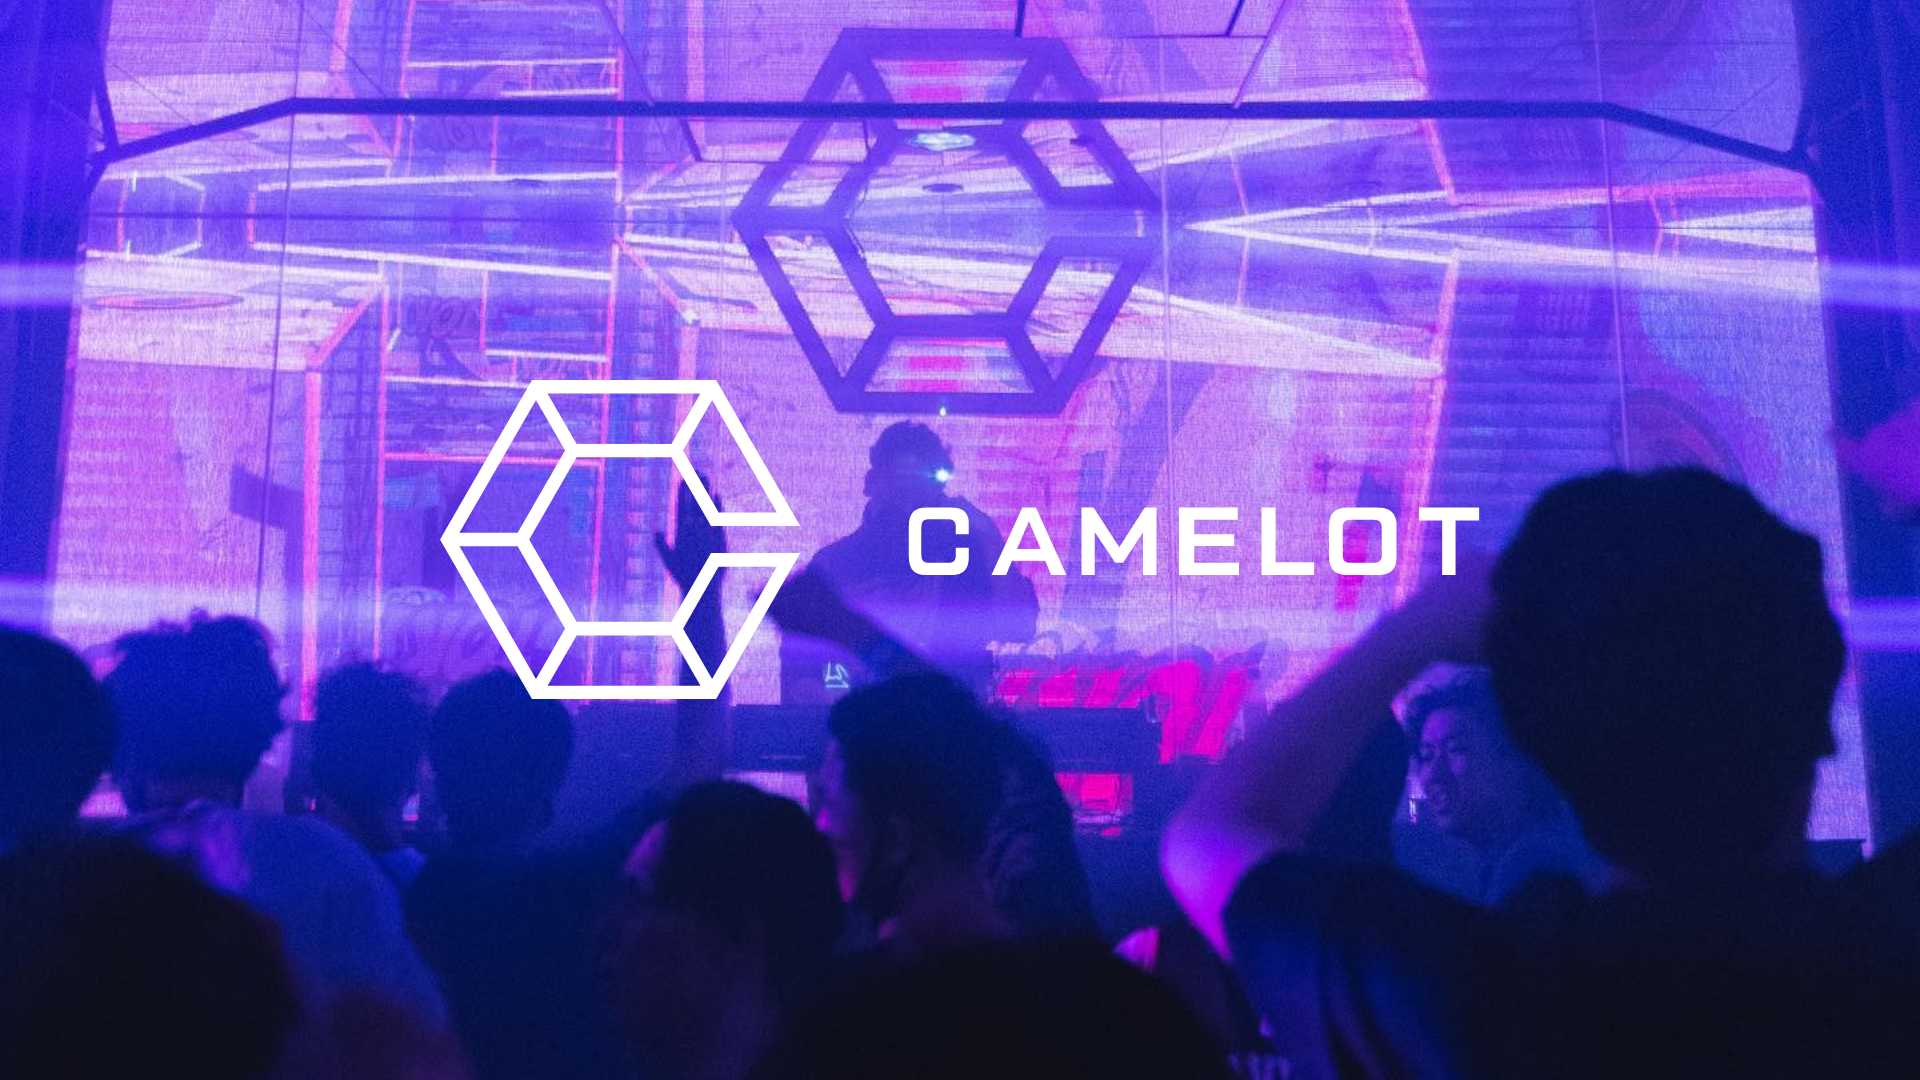 【2021年版】渋谷のクラブ「CLUB CAMELOT(キャメロット)」をご紹介!